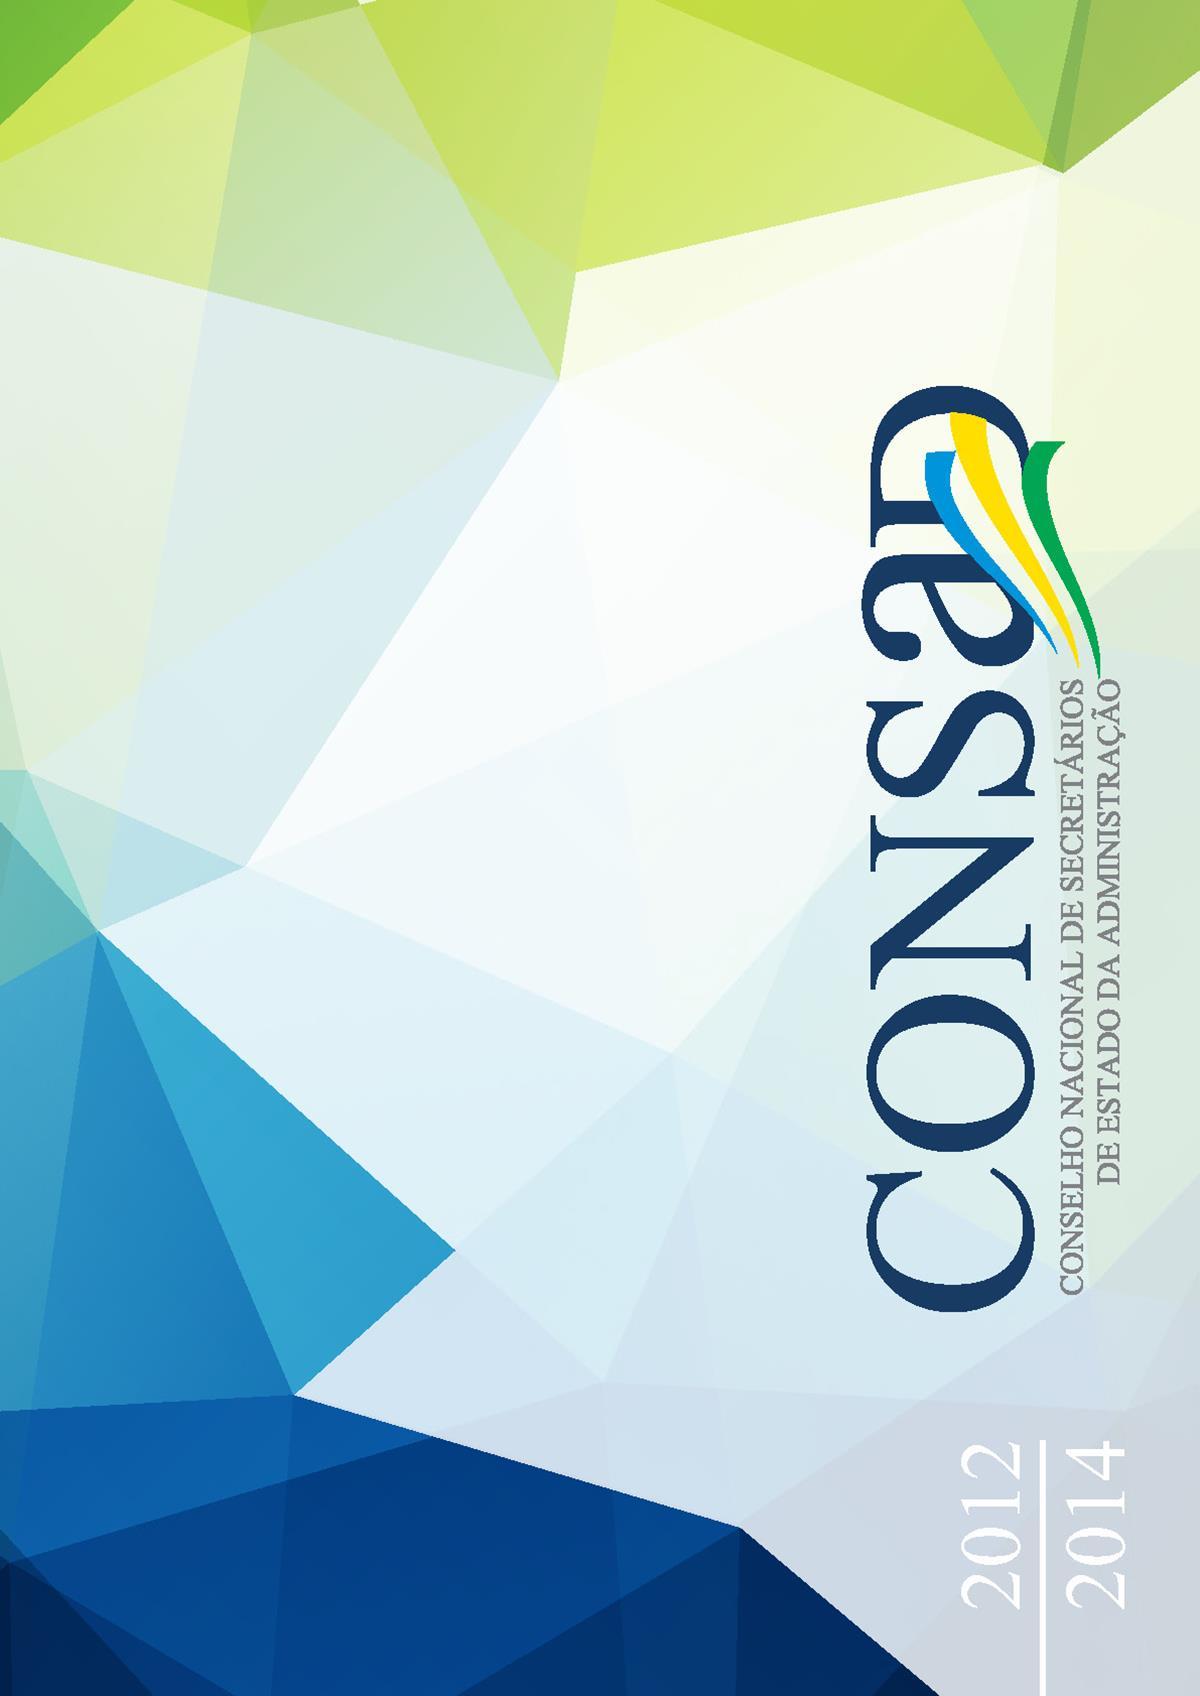 Dinamismo e inovação no Consad